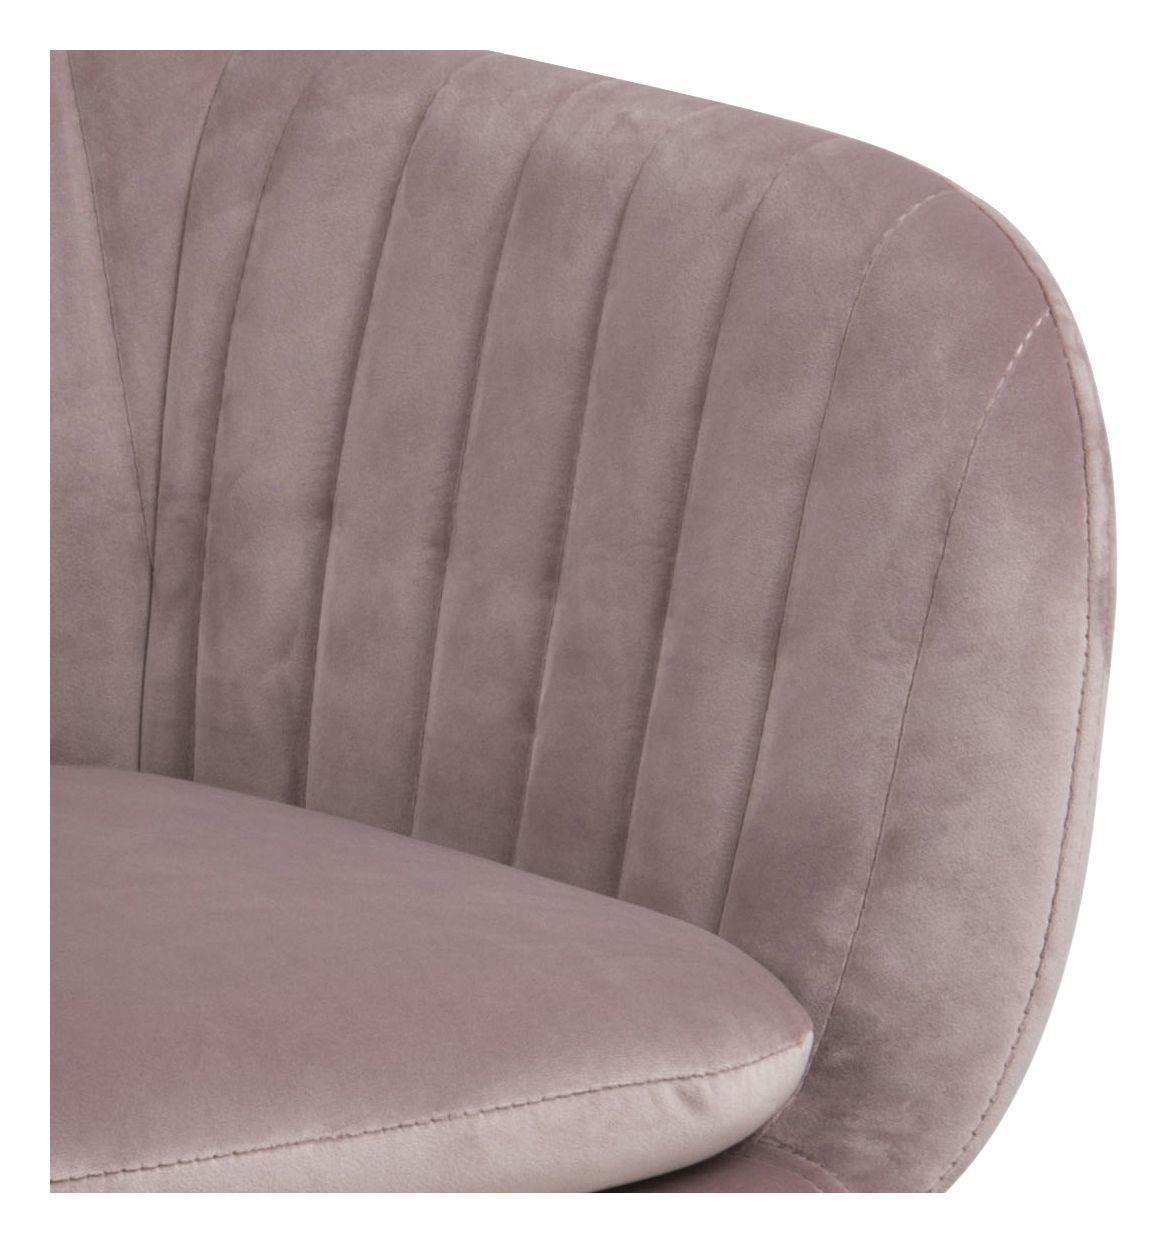 Mynte Spisebordsstol m/armlæn - Støvet rosa